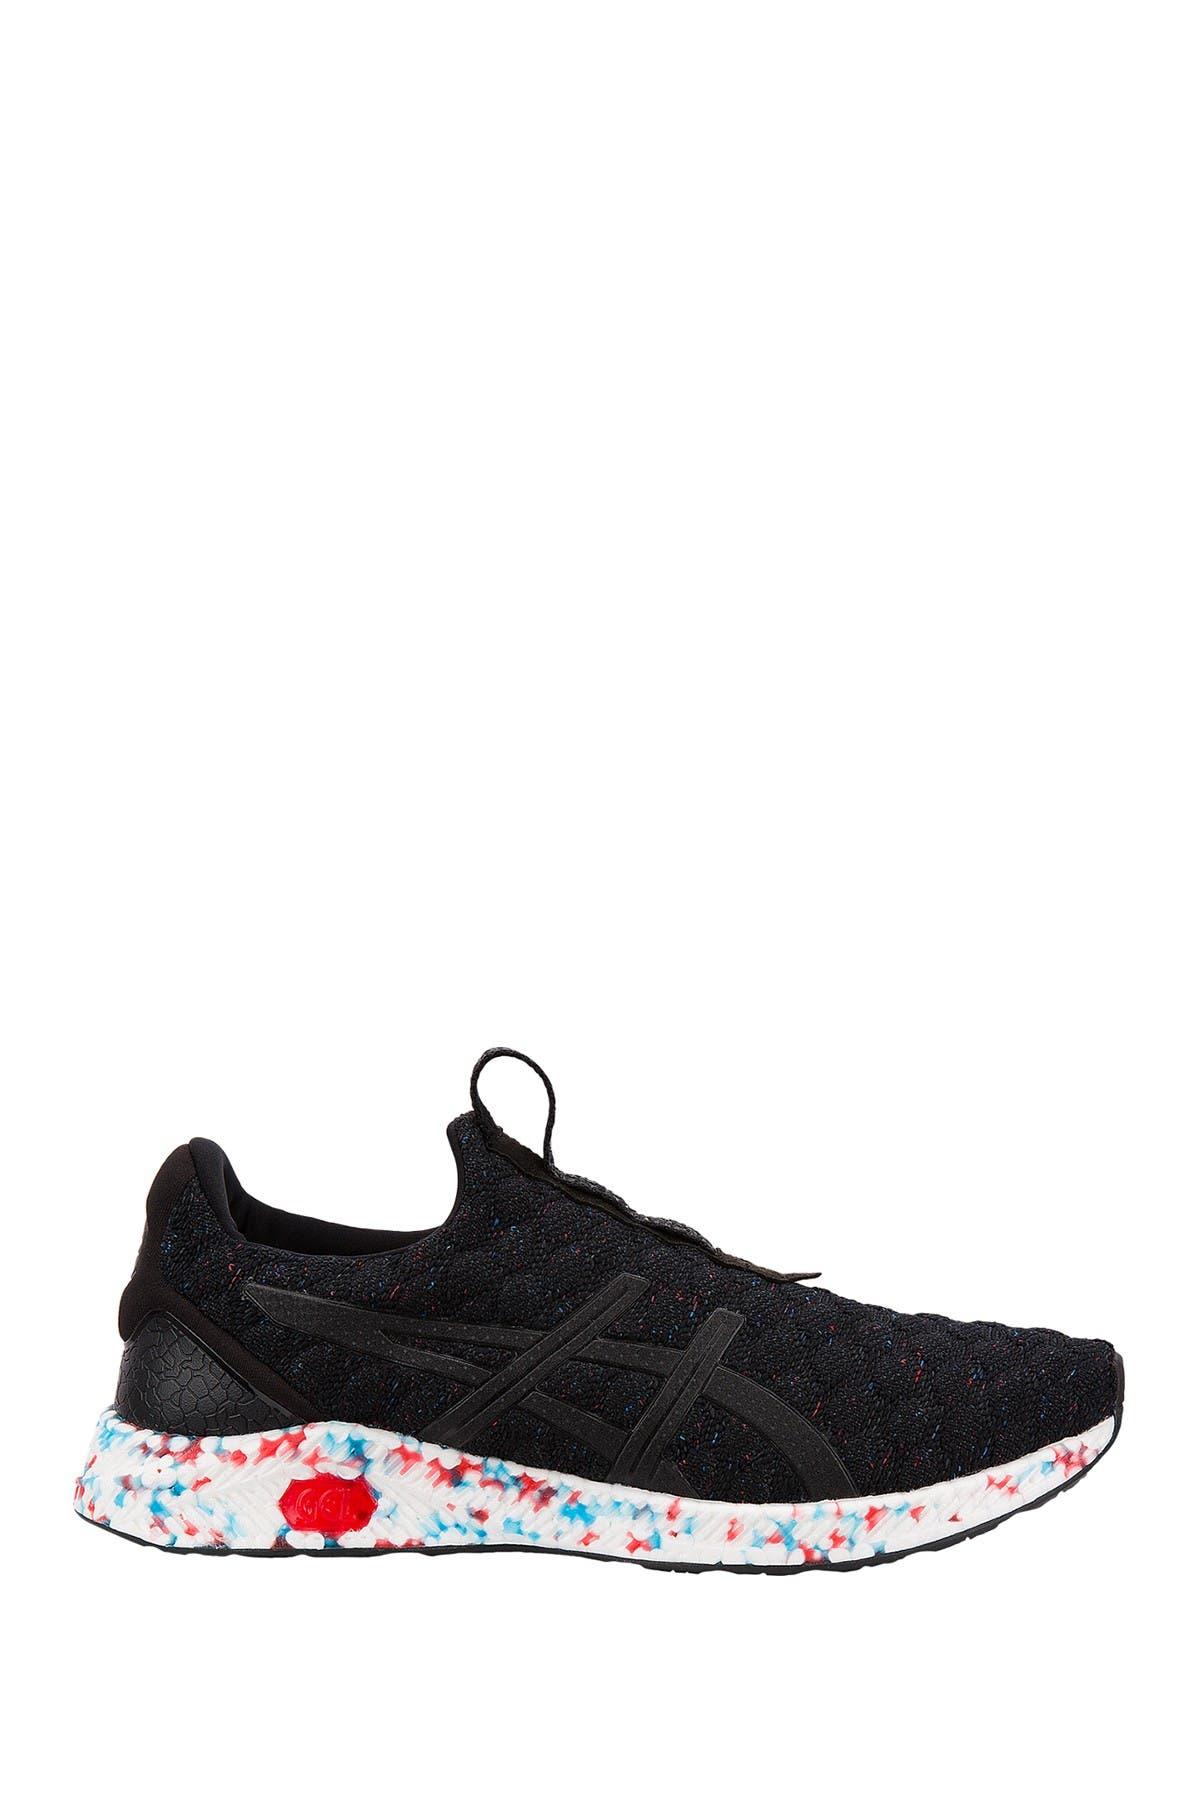 Image of ASICS Hypergel Kenzen Slip On Running Sneaker